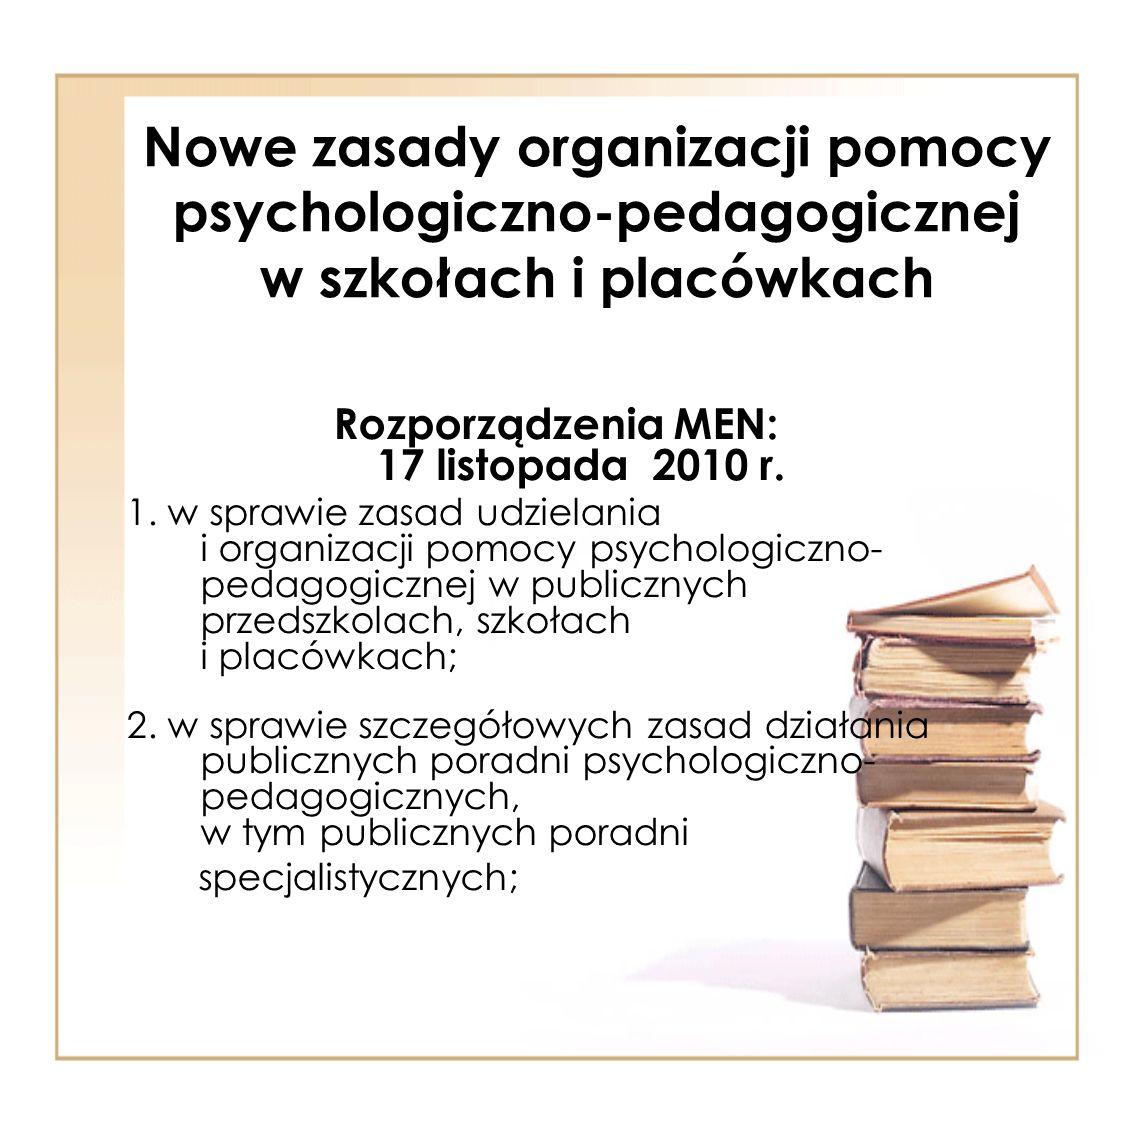 Rozporządzenia MEN: 17 listopada 2010 r.